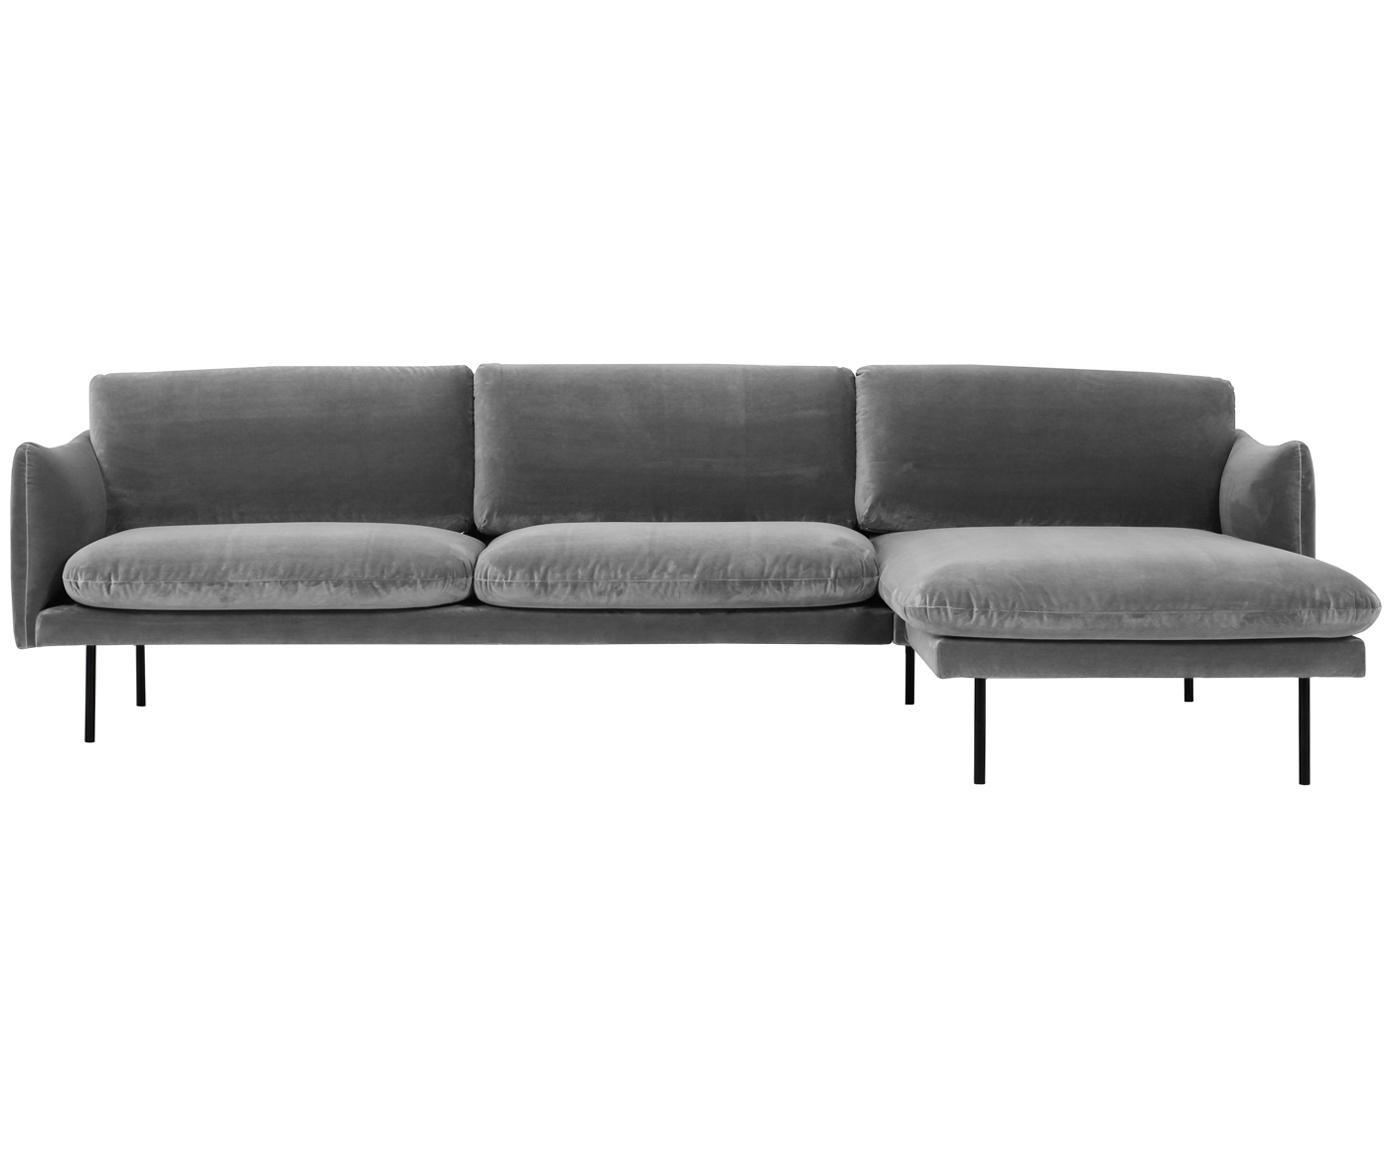 Sofa narożna z aksamitu Moby, Tapicerka: aksamit (wysokiej jakości, Stelaż: lite drewno sosnowe, Nogi: metal malowany proszkowo, Szary aksamit, S 280 x G 160 cm